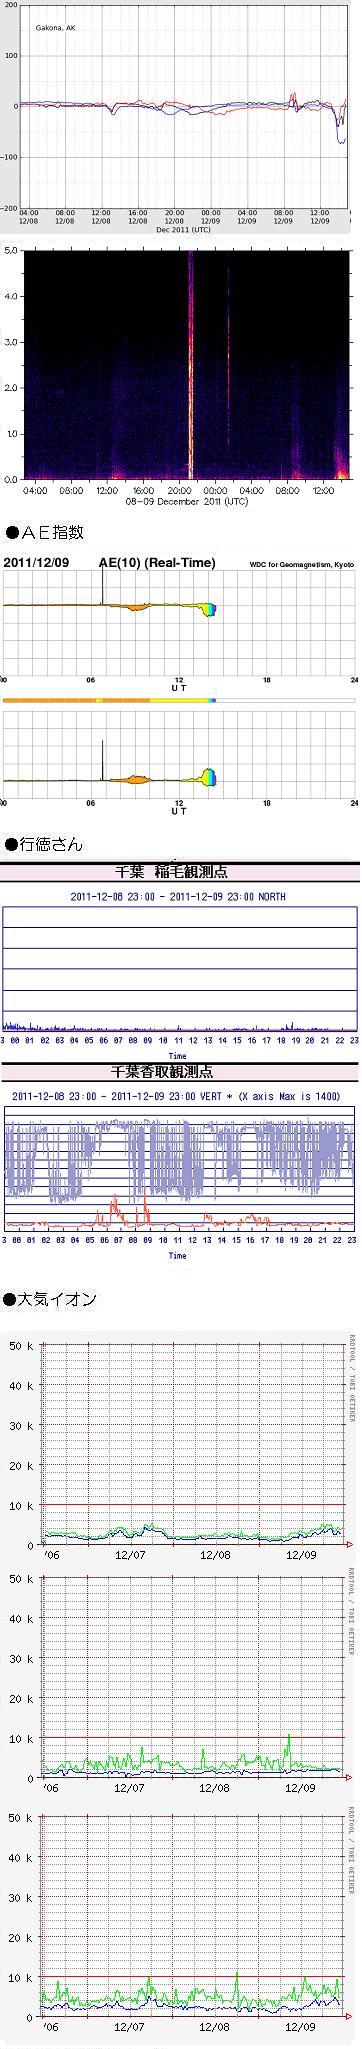 1210-1 データ